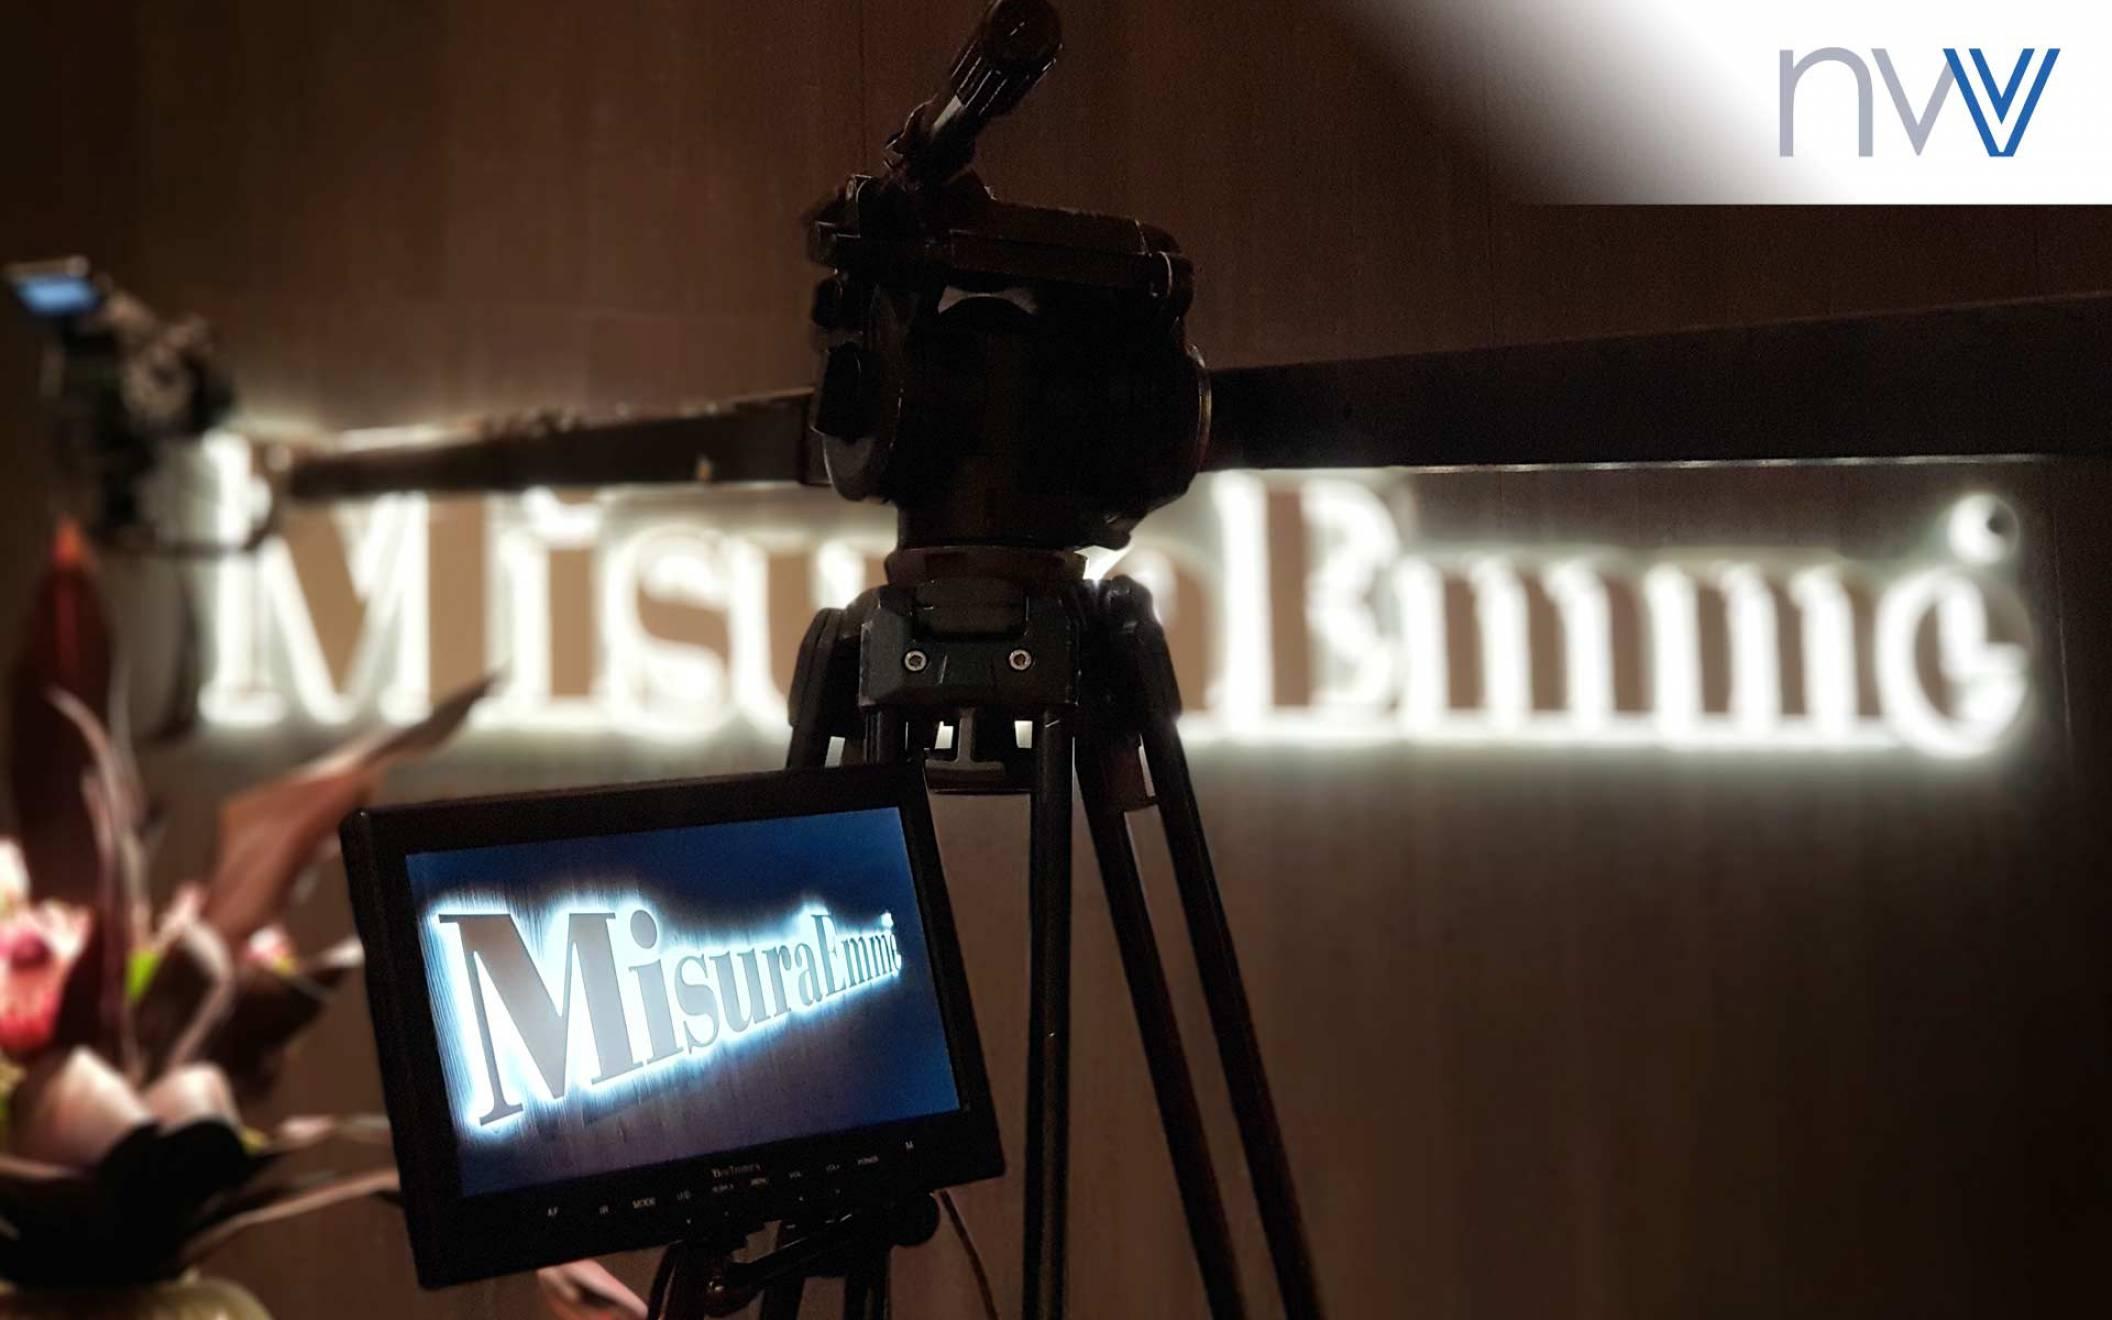 Realizzazione video salone del mobile newvisibility